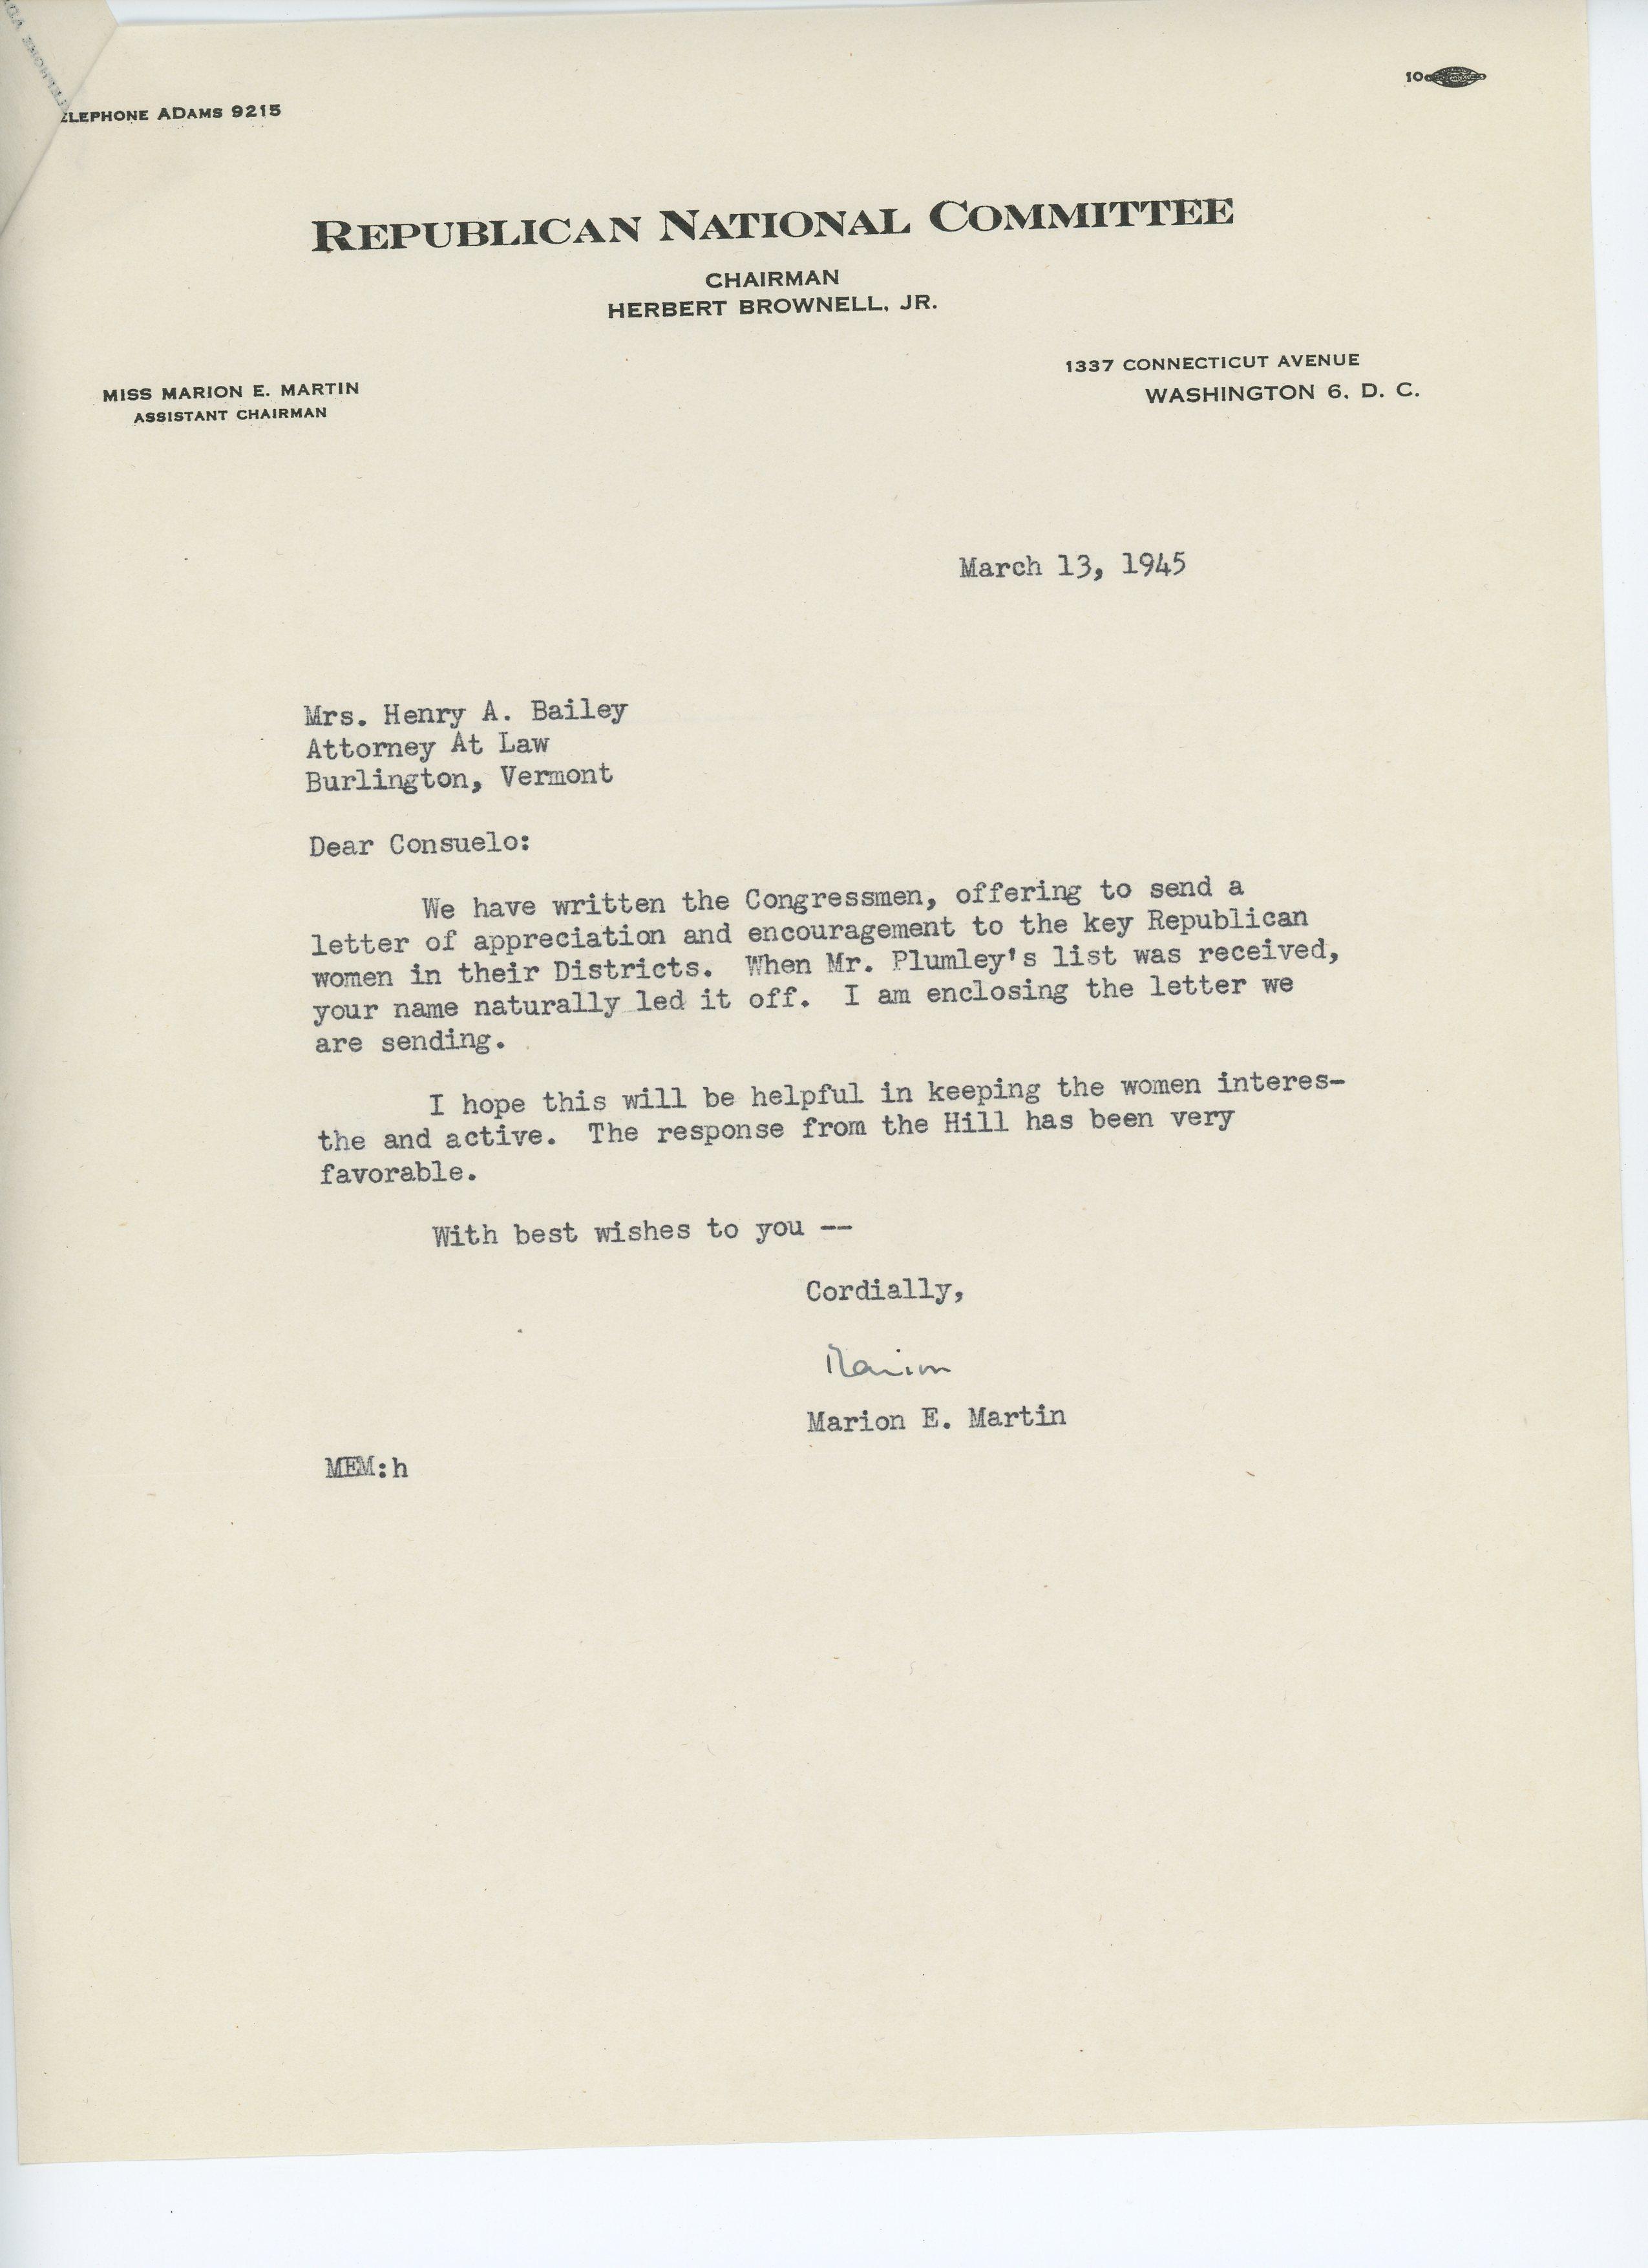 Marion E. Martin to Consuelo N. Bailey 1945 March 13